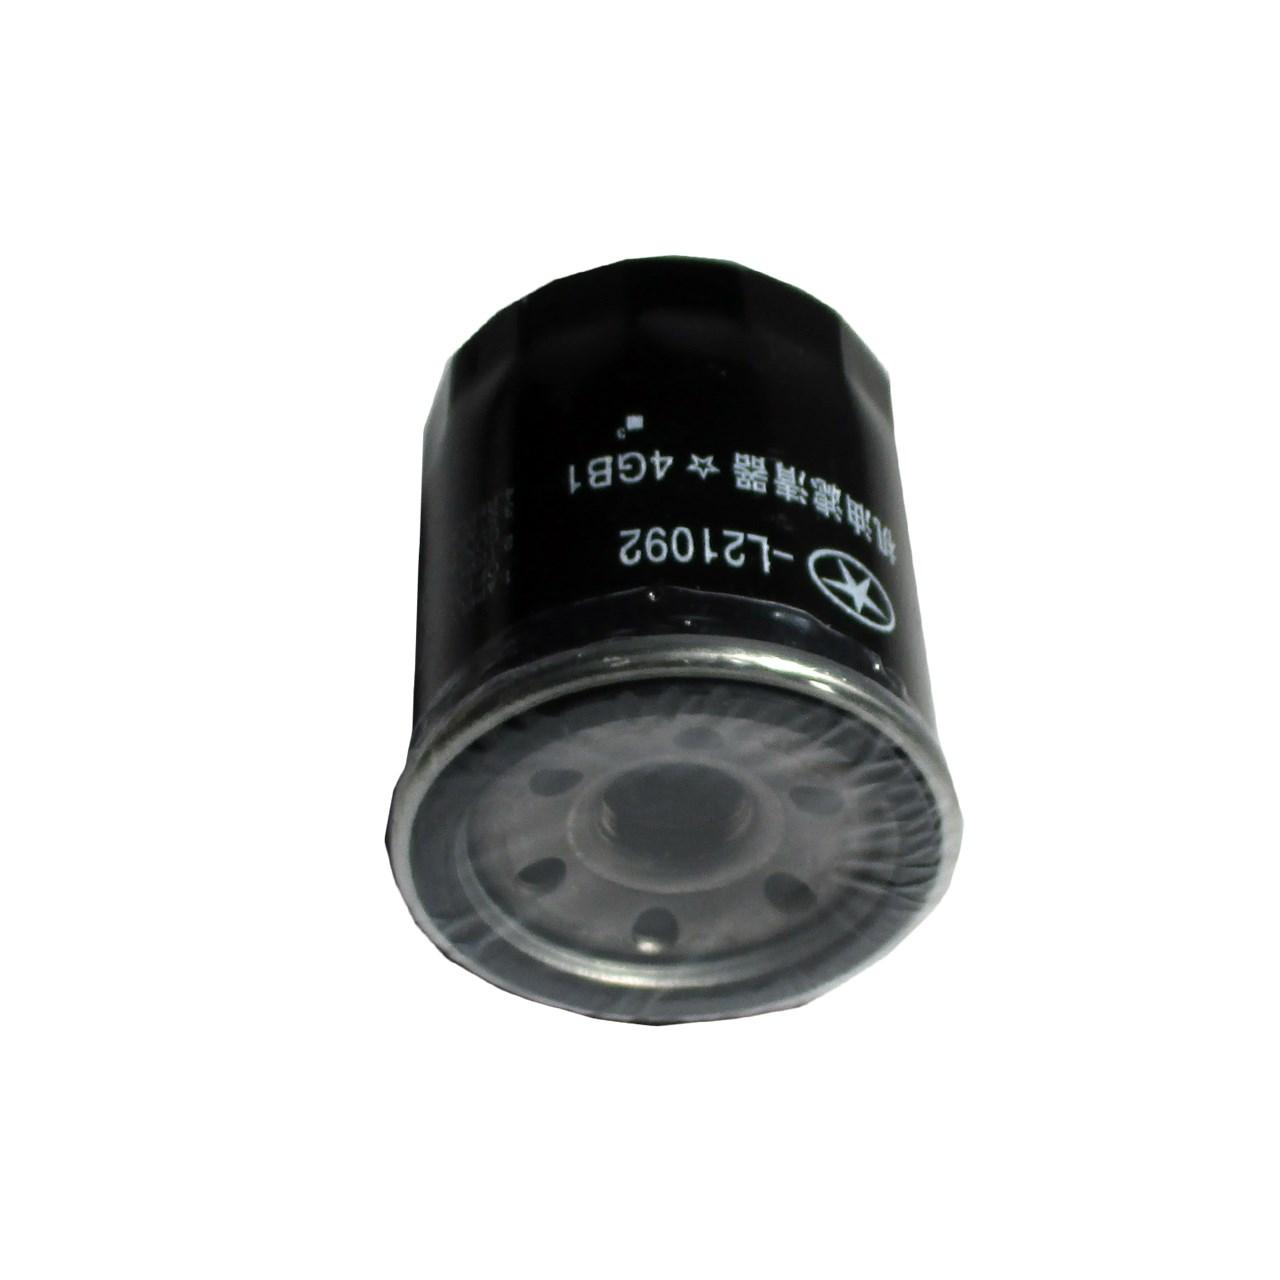 فیلتر روغن JAC J5 مدل 1017110GG010